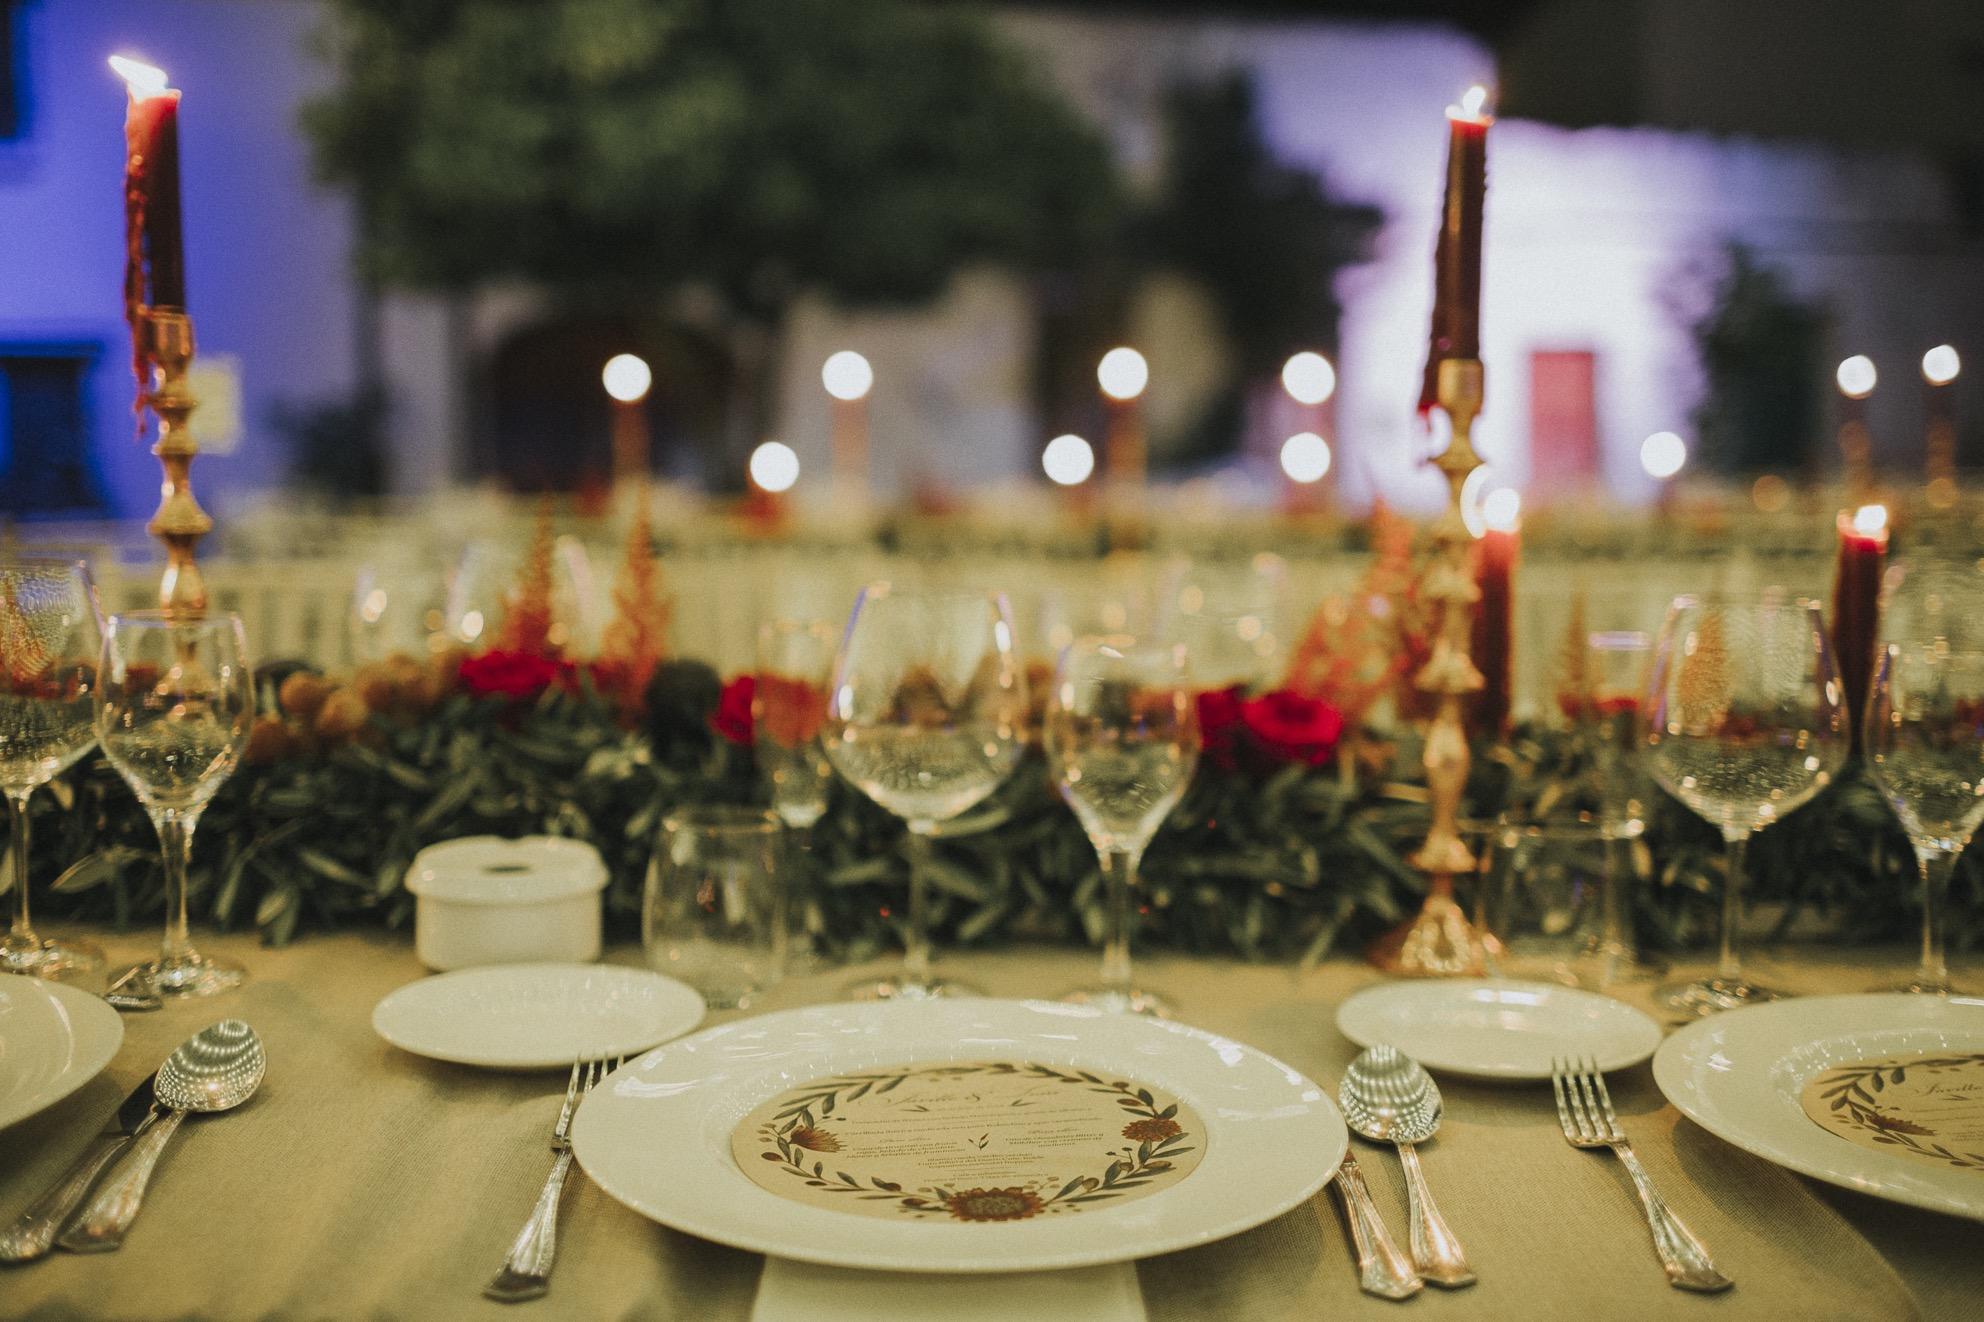 Si-Quiero-Wedding-Planner-By-Sira-Antequera-Bodas-Málaga-Marbella-Miami- Toñi-Jarri-9